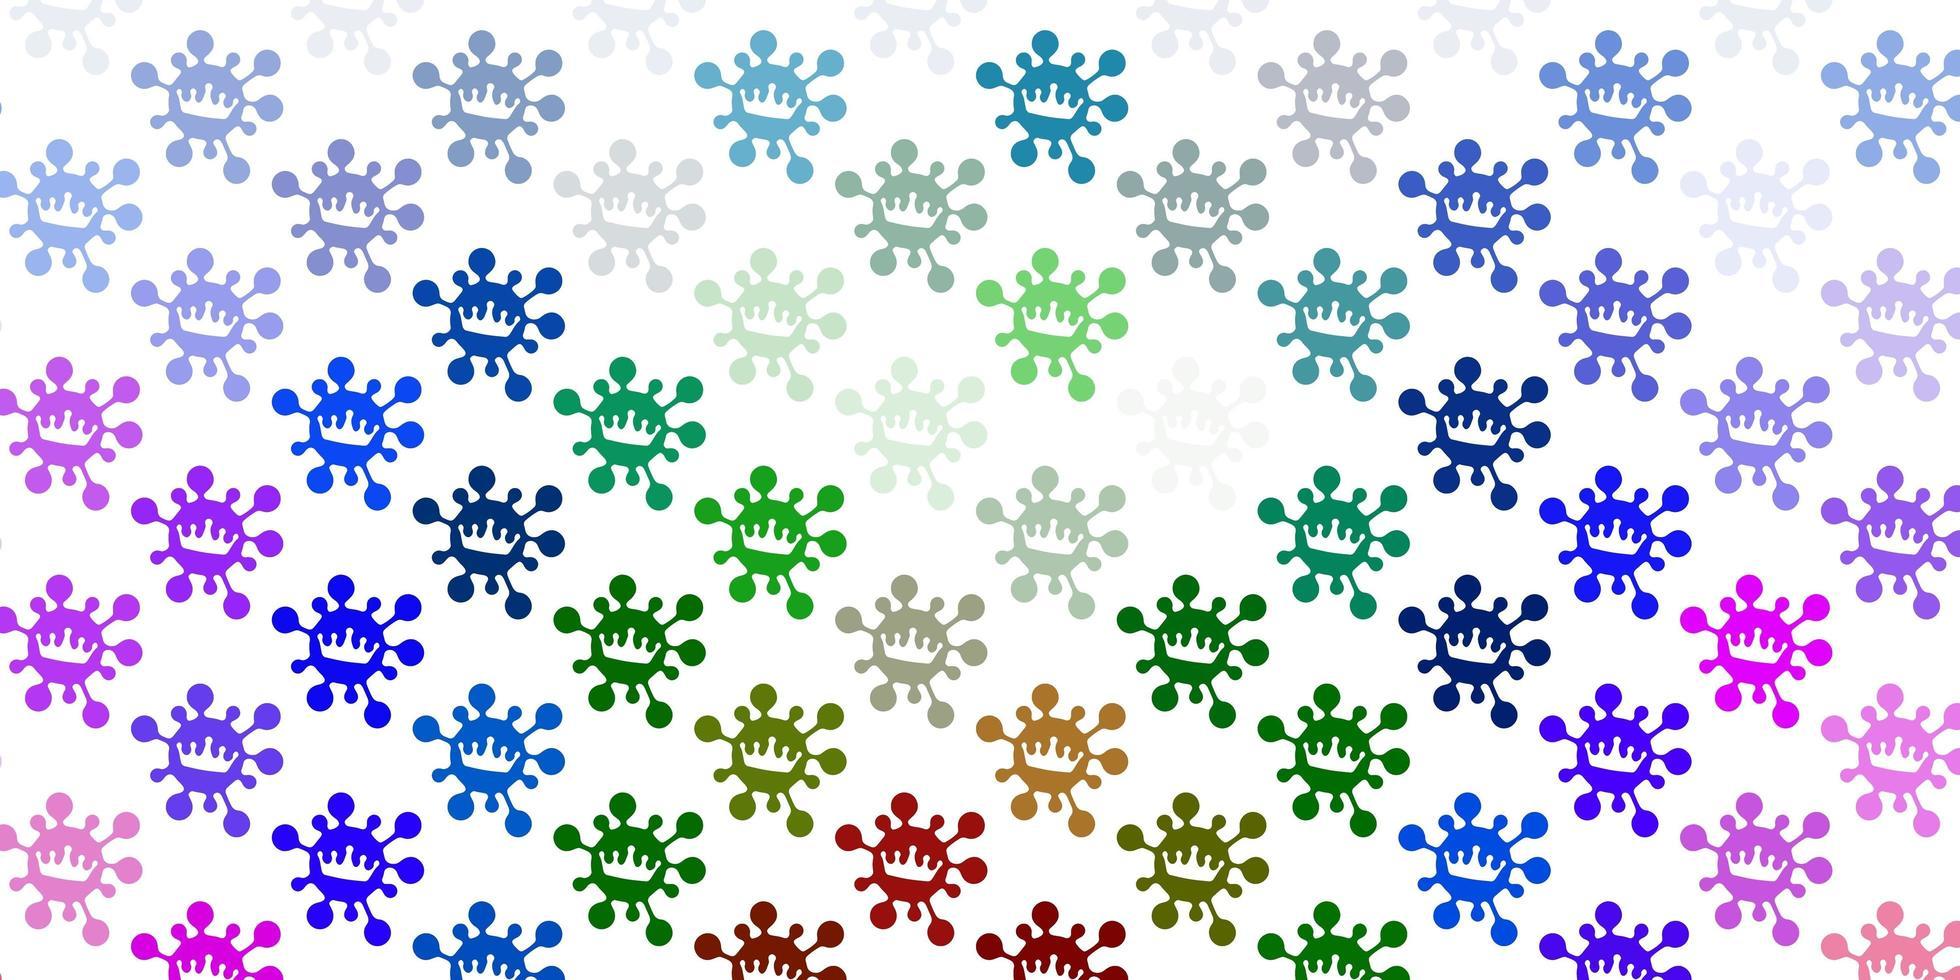 pano de fundo de luz multicolorida com símbolos de vírus vetor